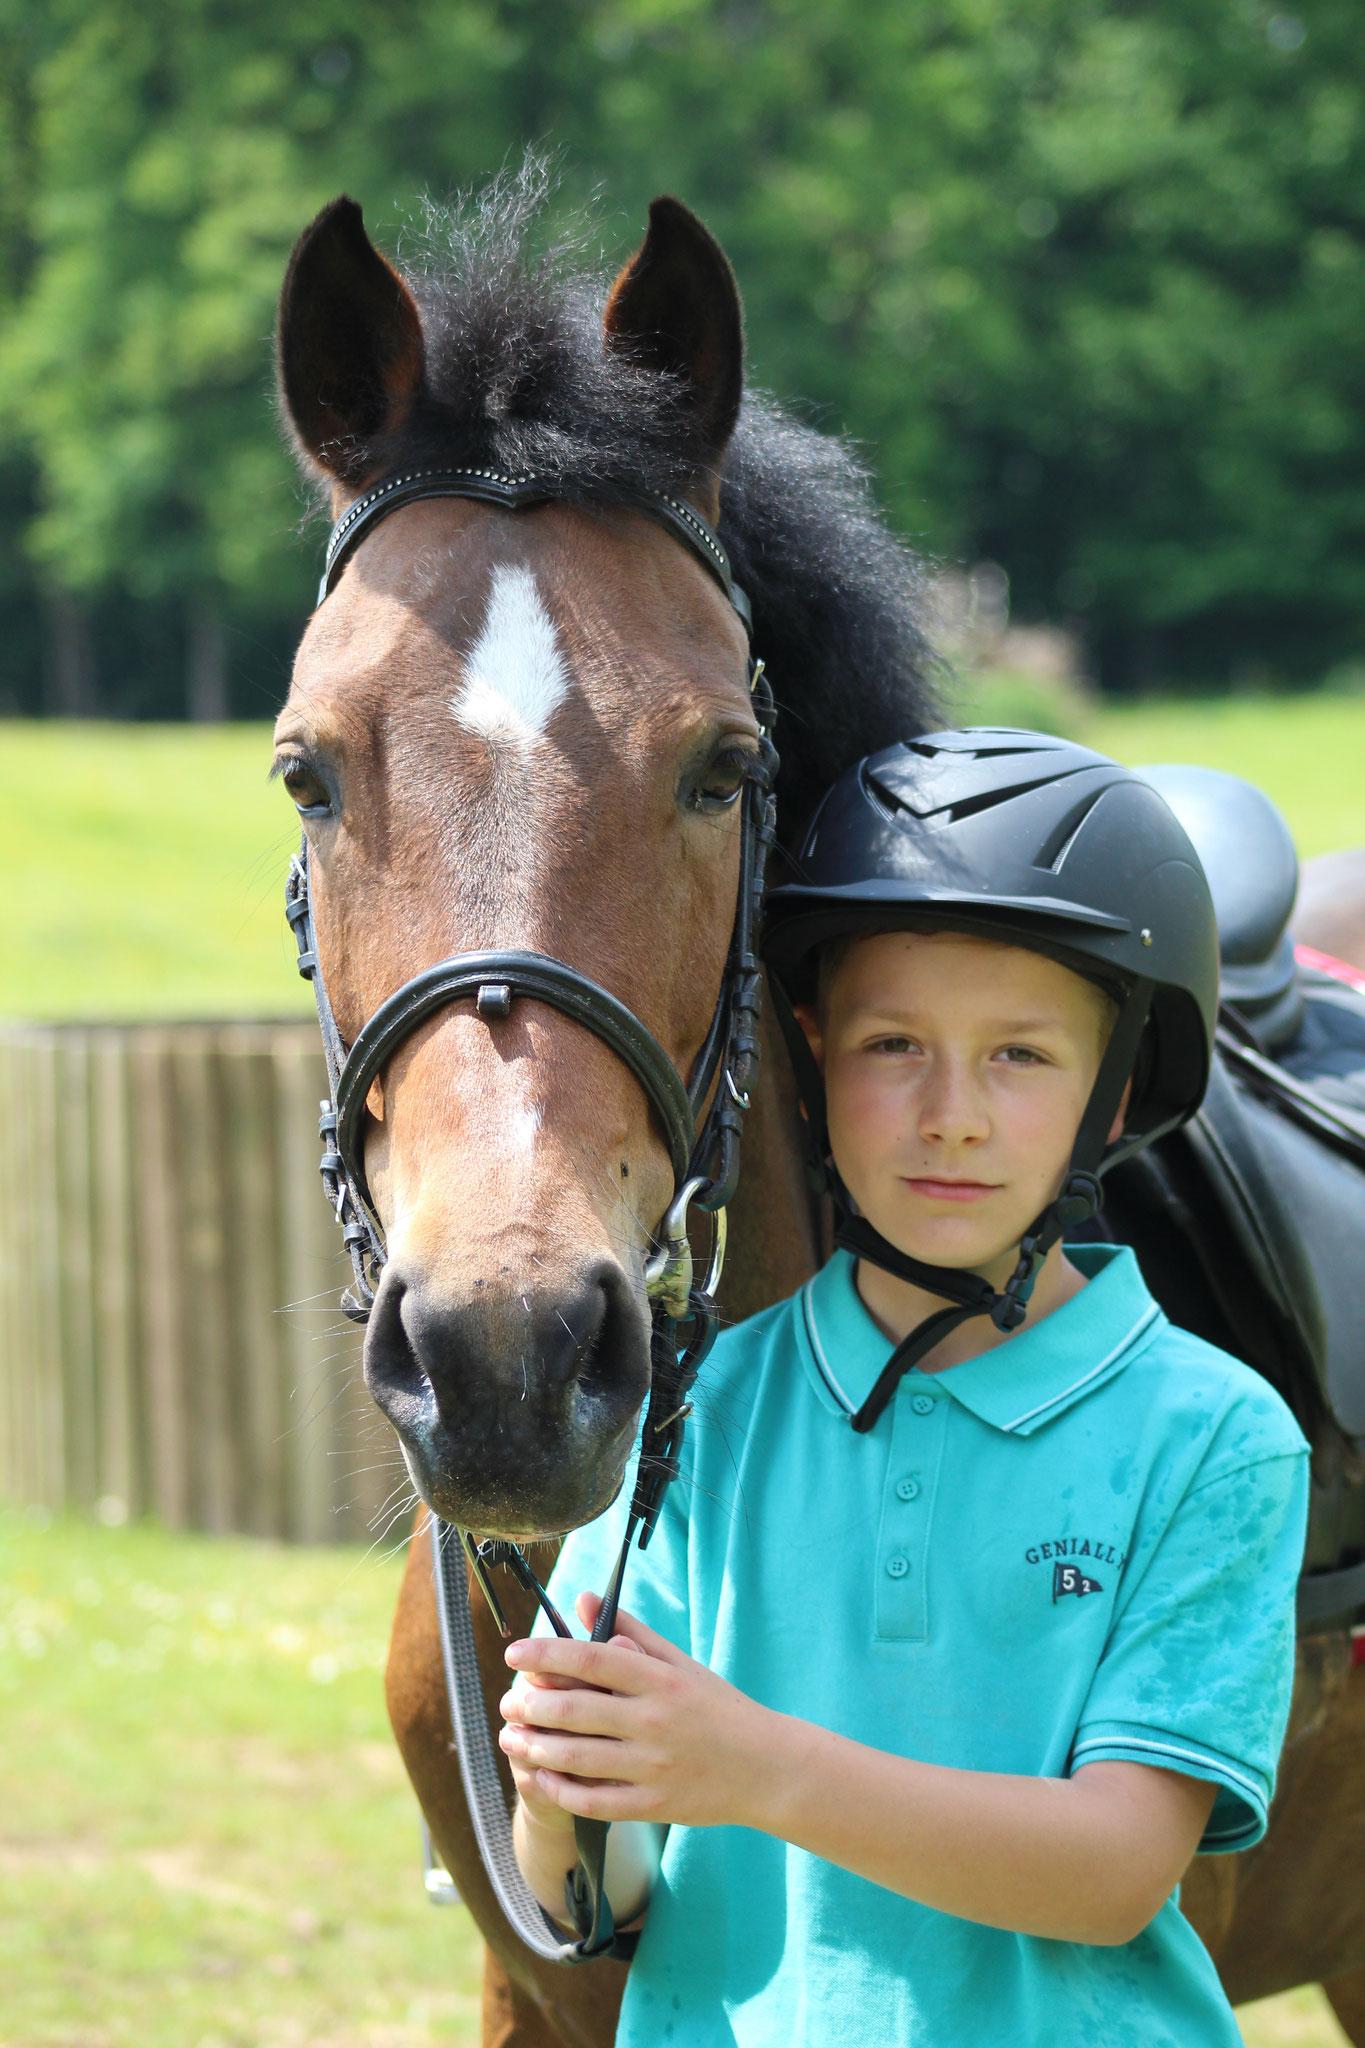 Découvrez les joies de l'équitation en région Centre-Val de Loire